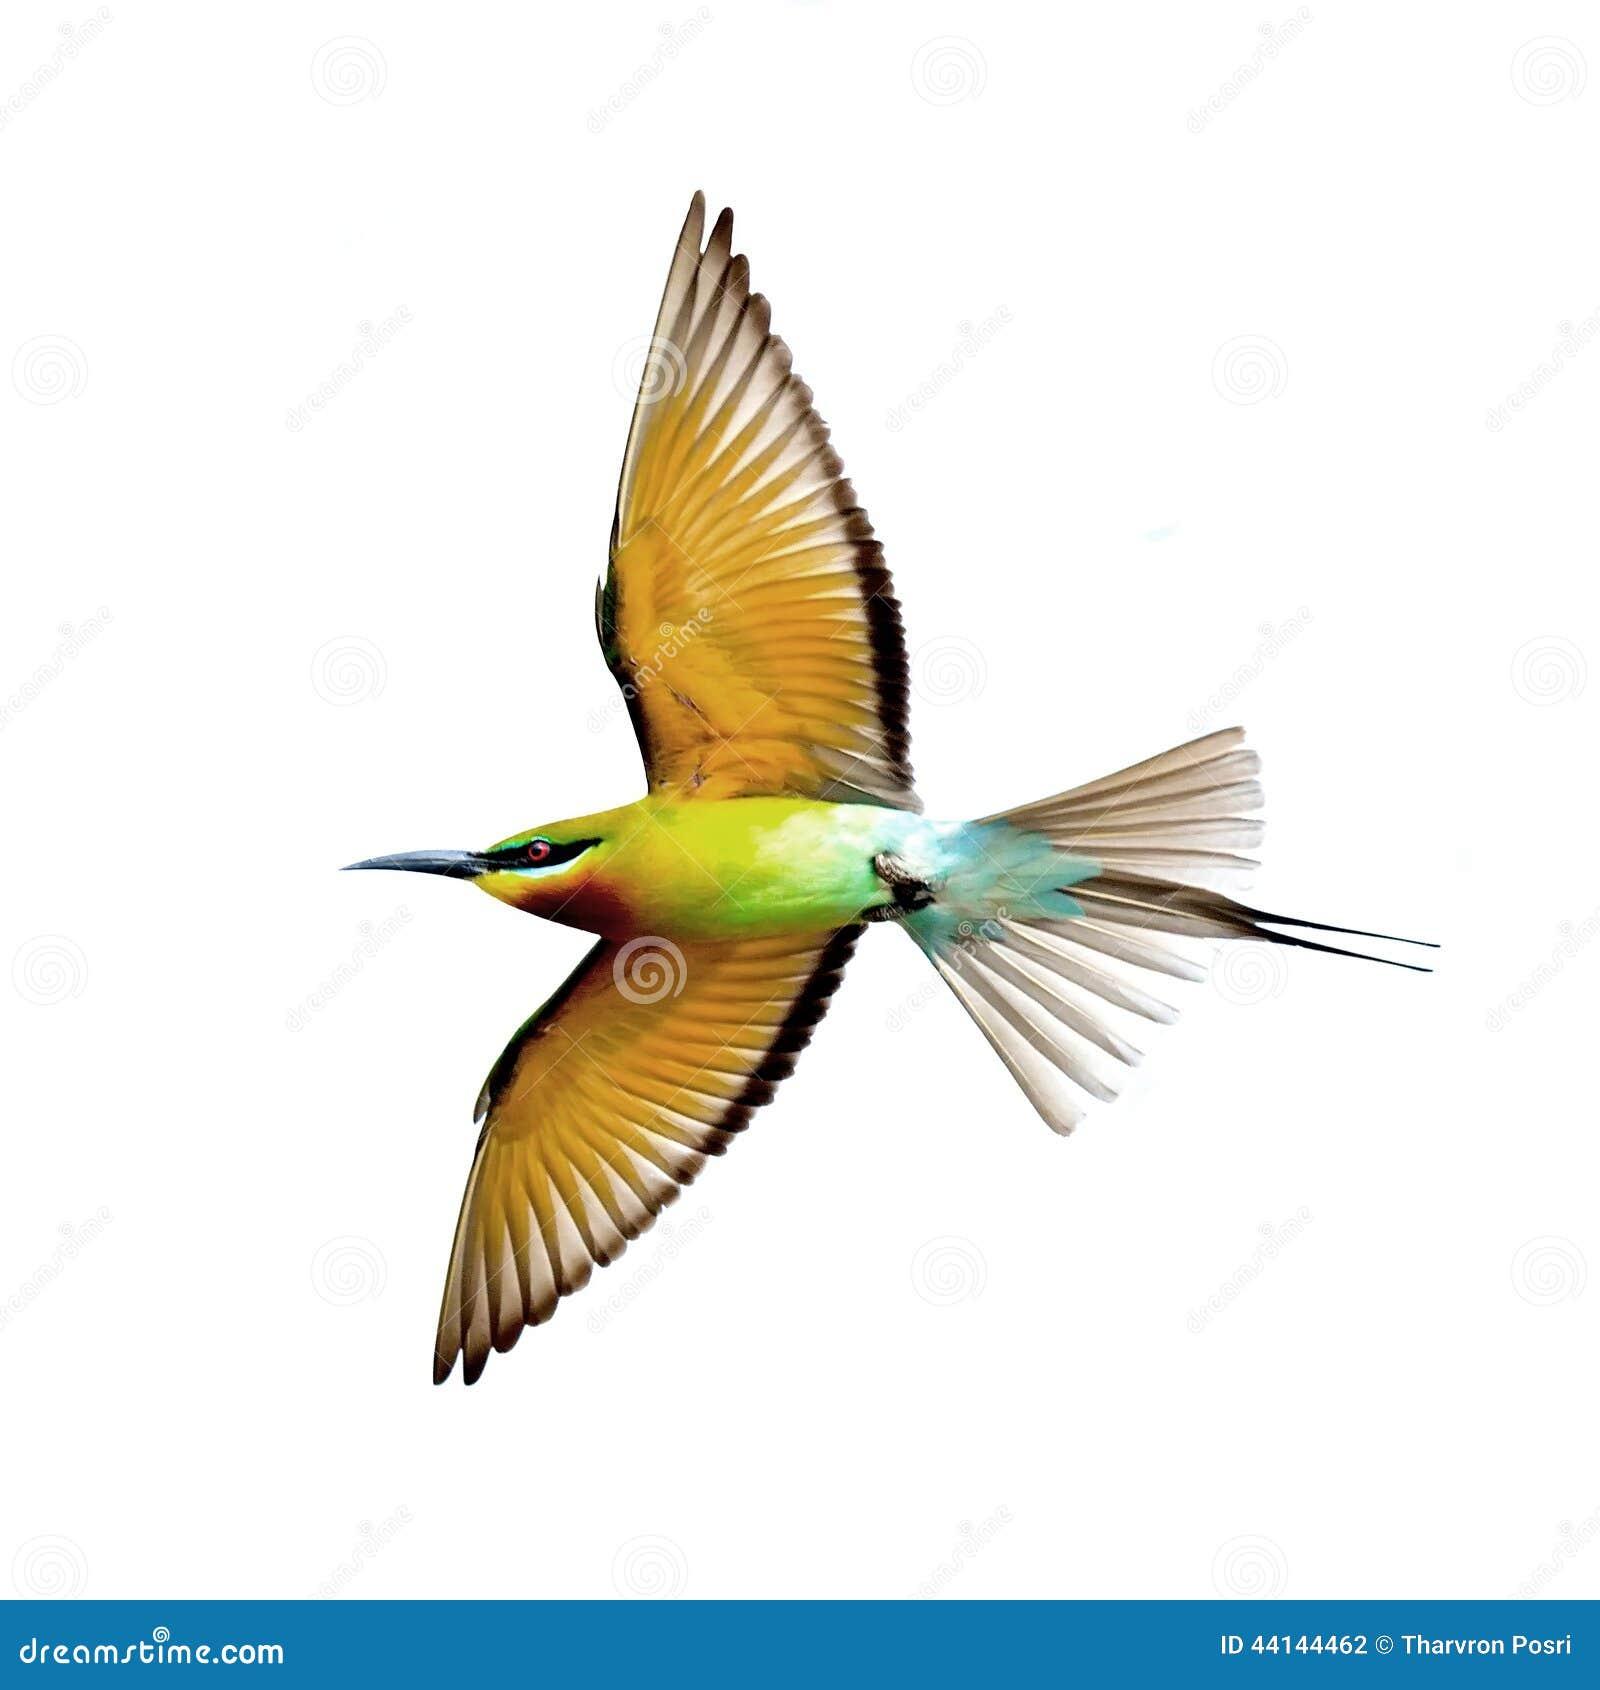 在白色背景在飞行中隔绝的青被盯梢的食蜂鸟.